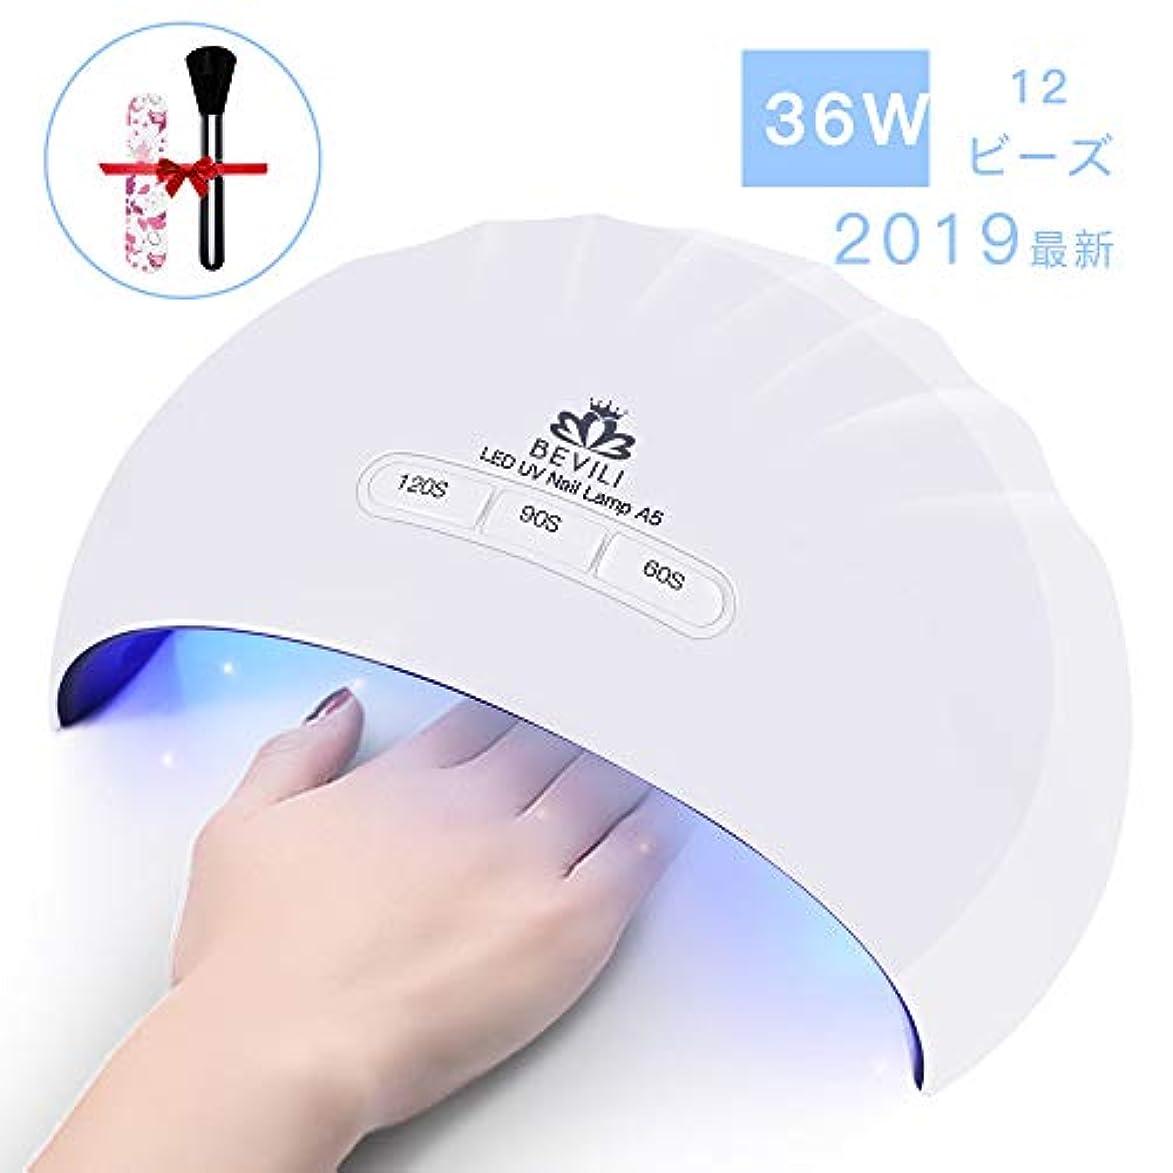 パターン嫌悪振り子硬化用UV/LEDライトジェルネイルライト 肌をケア センサータイマー付き UVライト 速乾UV ネイル ハンドフット両用 ネイル led ライト USB対応 (ホワイト)